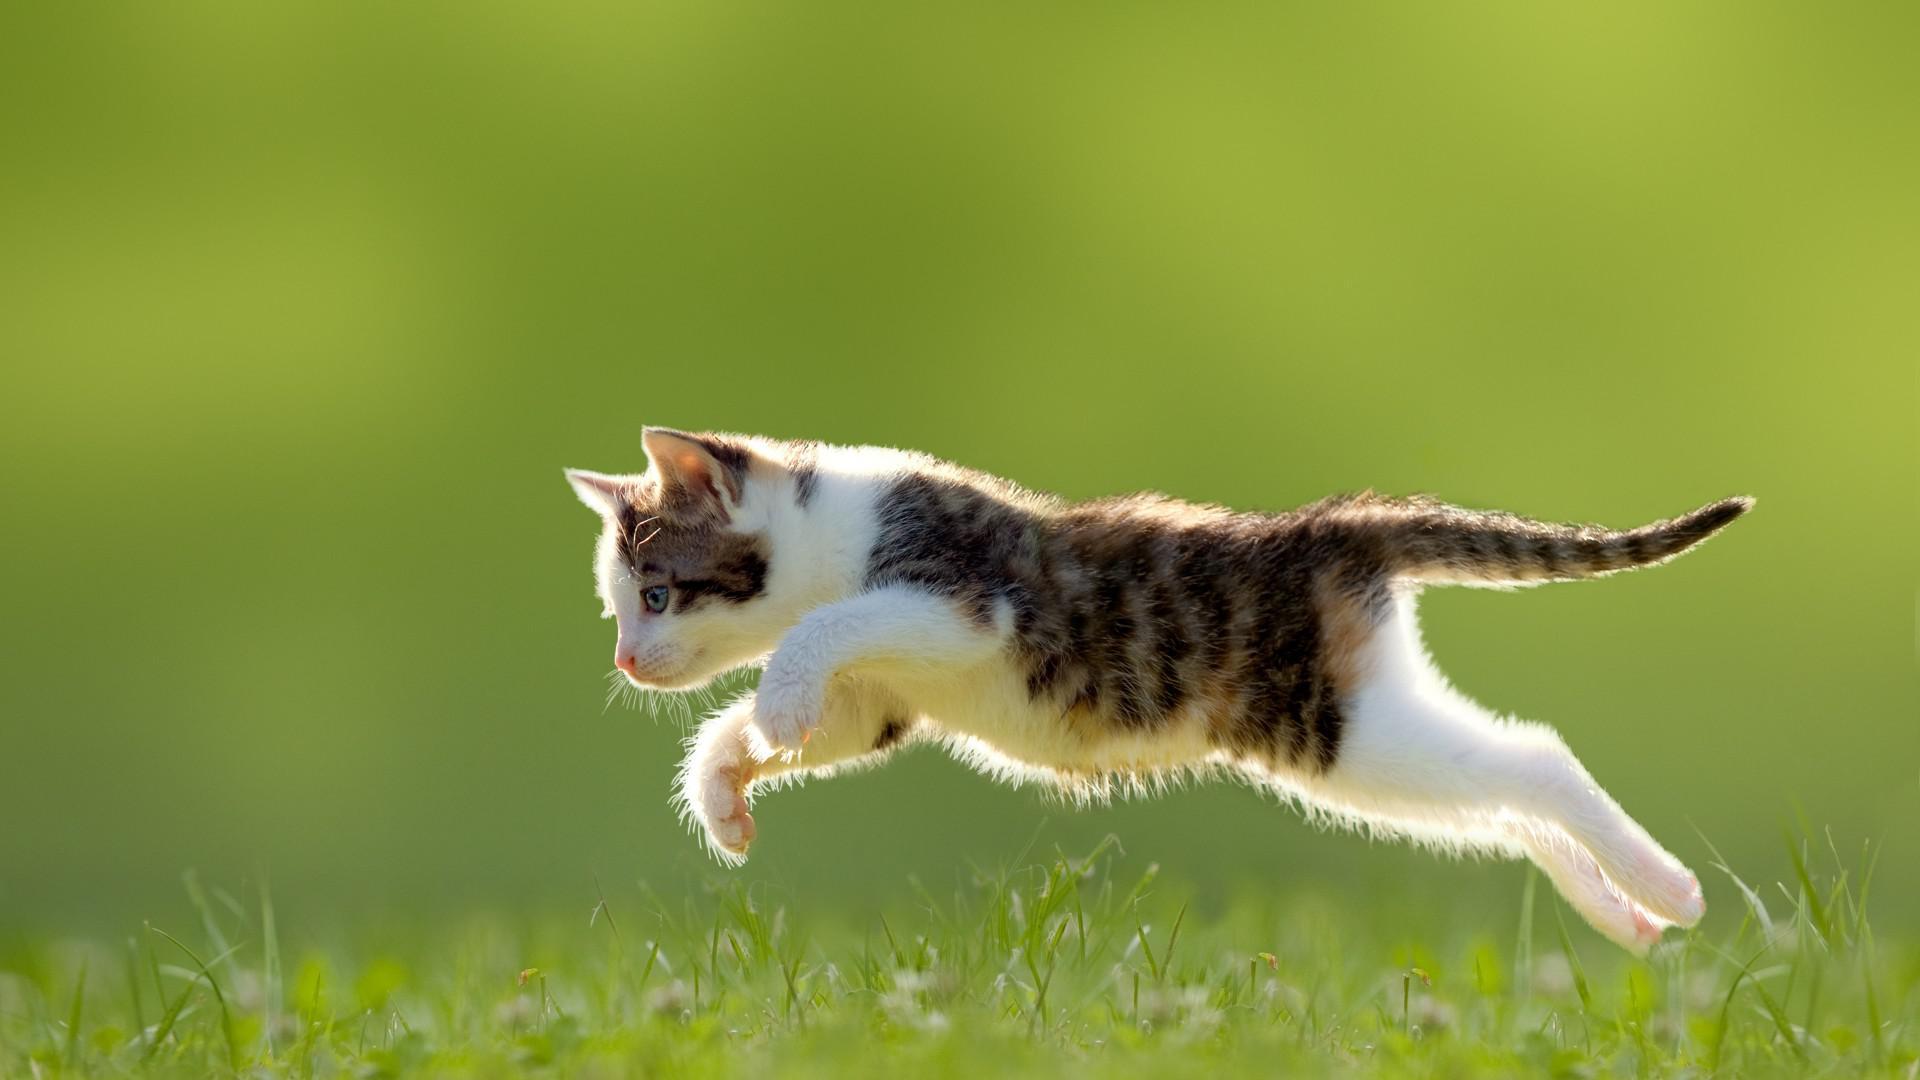 Kitten, grass, jumping, cute animal wallpaper   other   Wallpaper Better